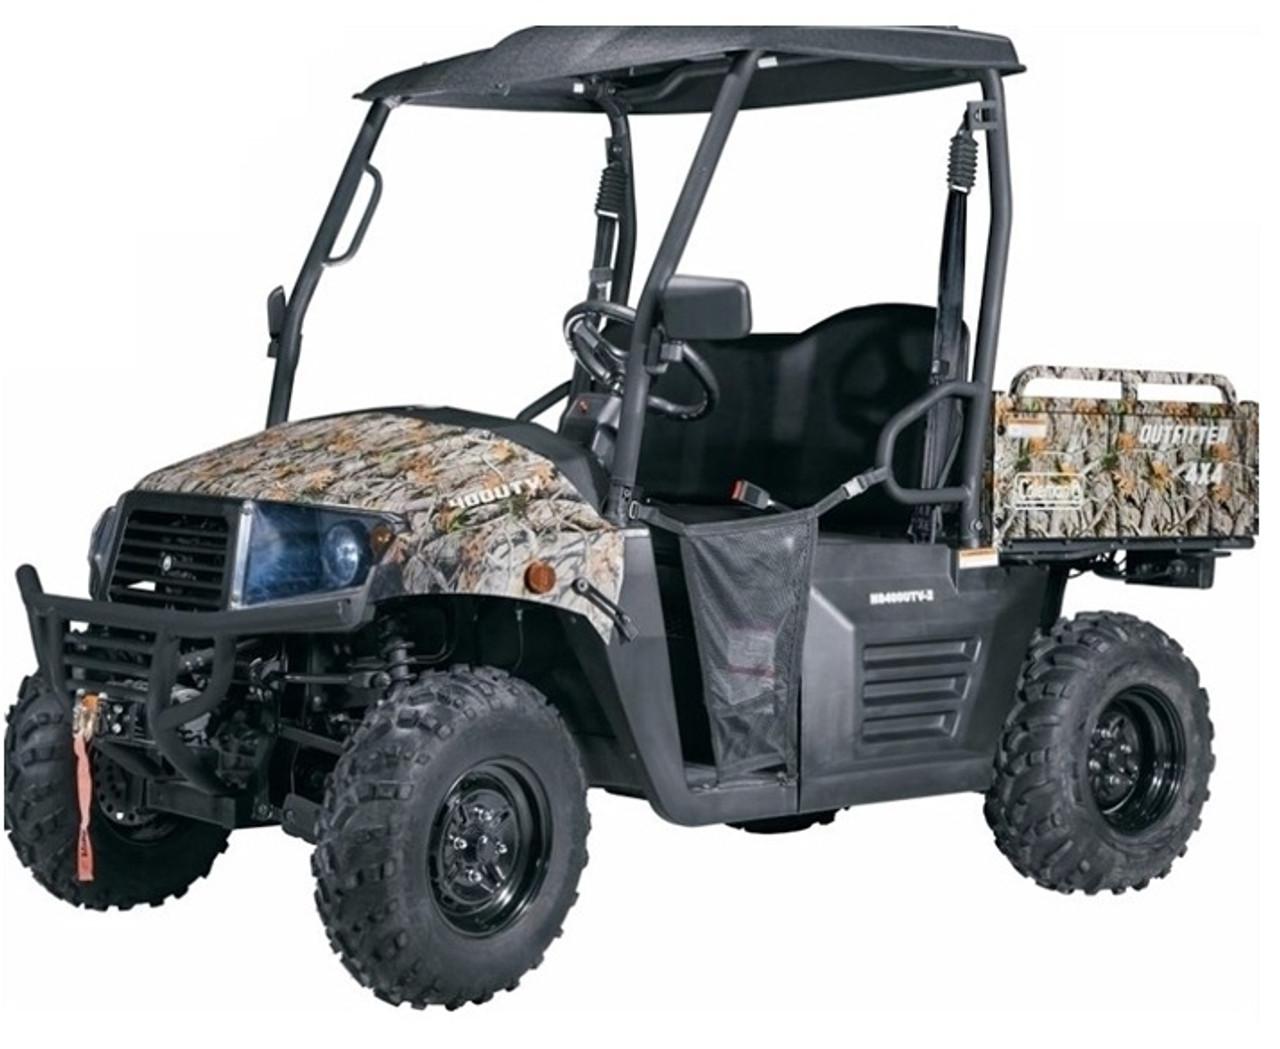 Cazador Outfitter 400 4x4 UTV EFI engine